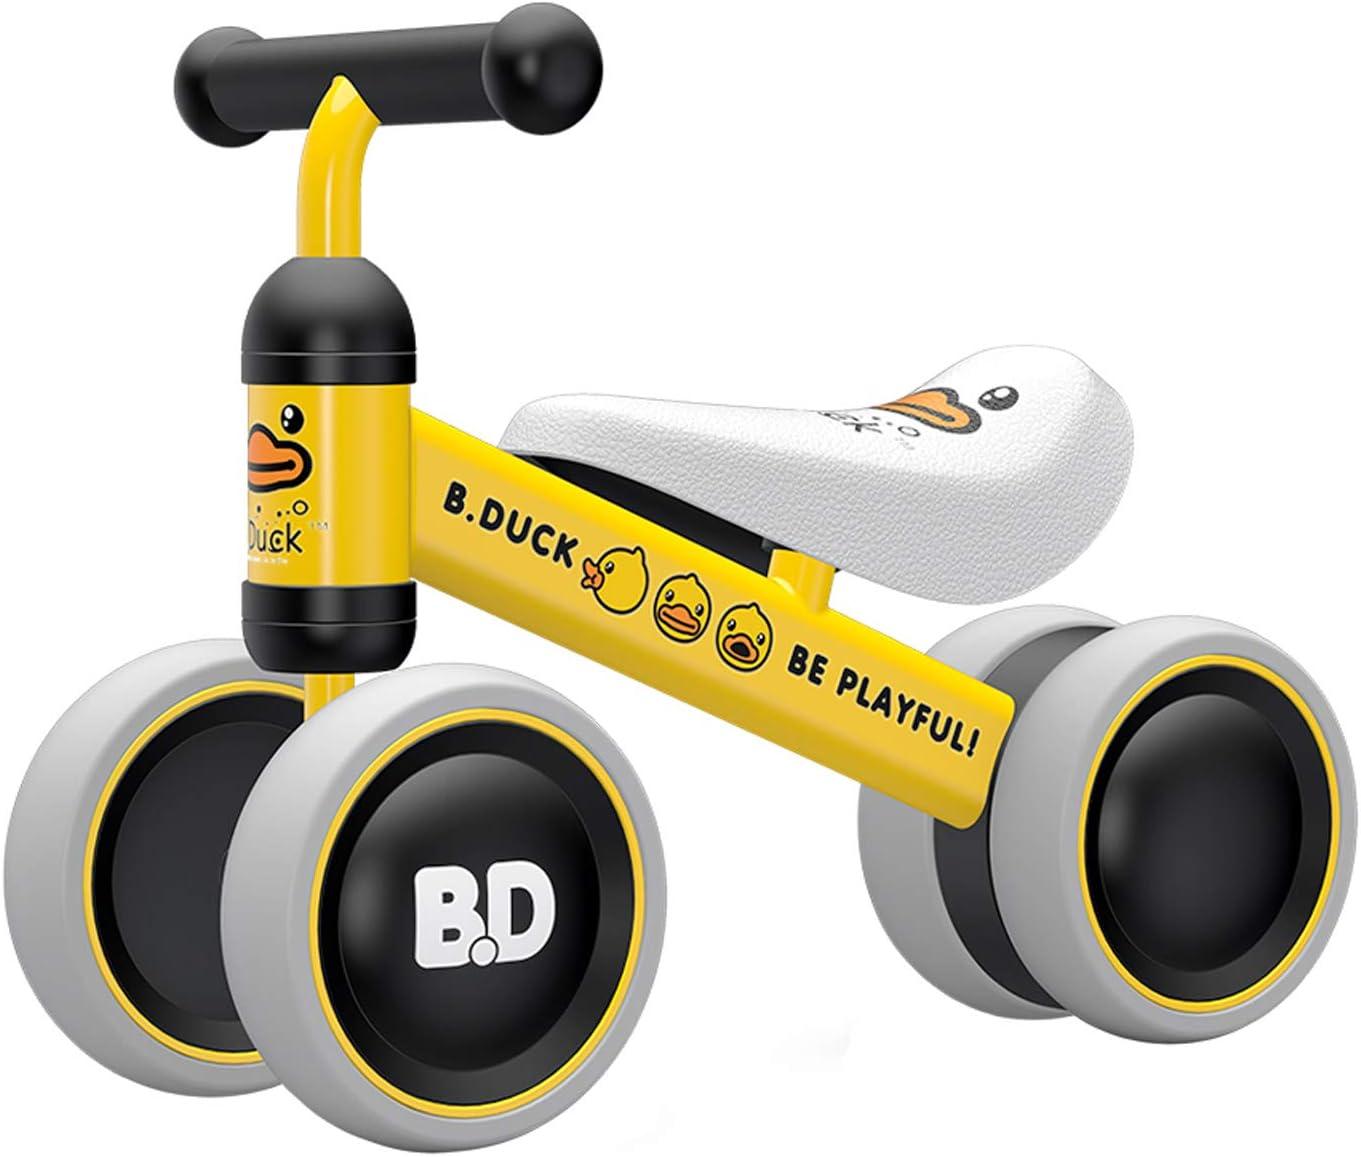 XIAPIA Bicicleta sin Pedales para Niños Bicicleta Bebe 1 Año Bicicleta Equilibrio 1 Año Bicicleta Infantil sin Pedales de Forma Animal Lindo de Regalo Favorito del Niño (Duck)